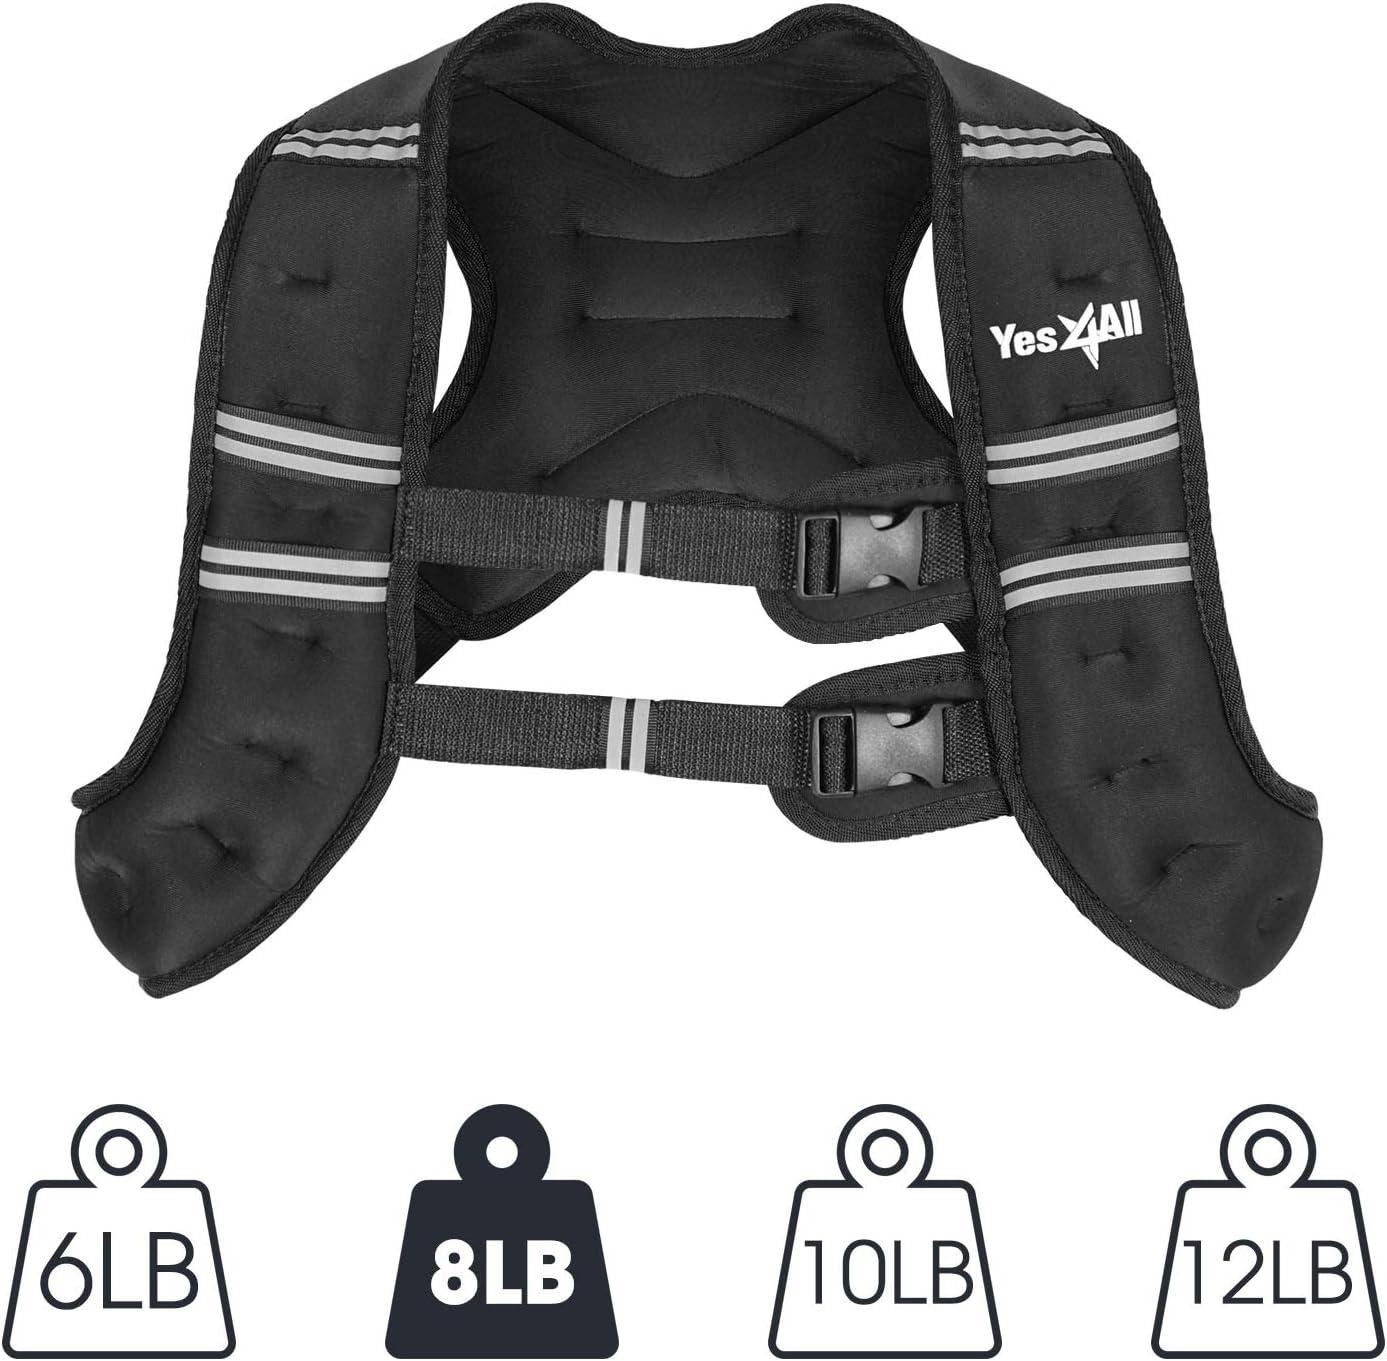 8lb Yes4All Gewichtsweste 10lb Single 6lb 12lb und Combo 12lb /& Ankle Gewicht 2lb